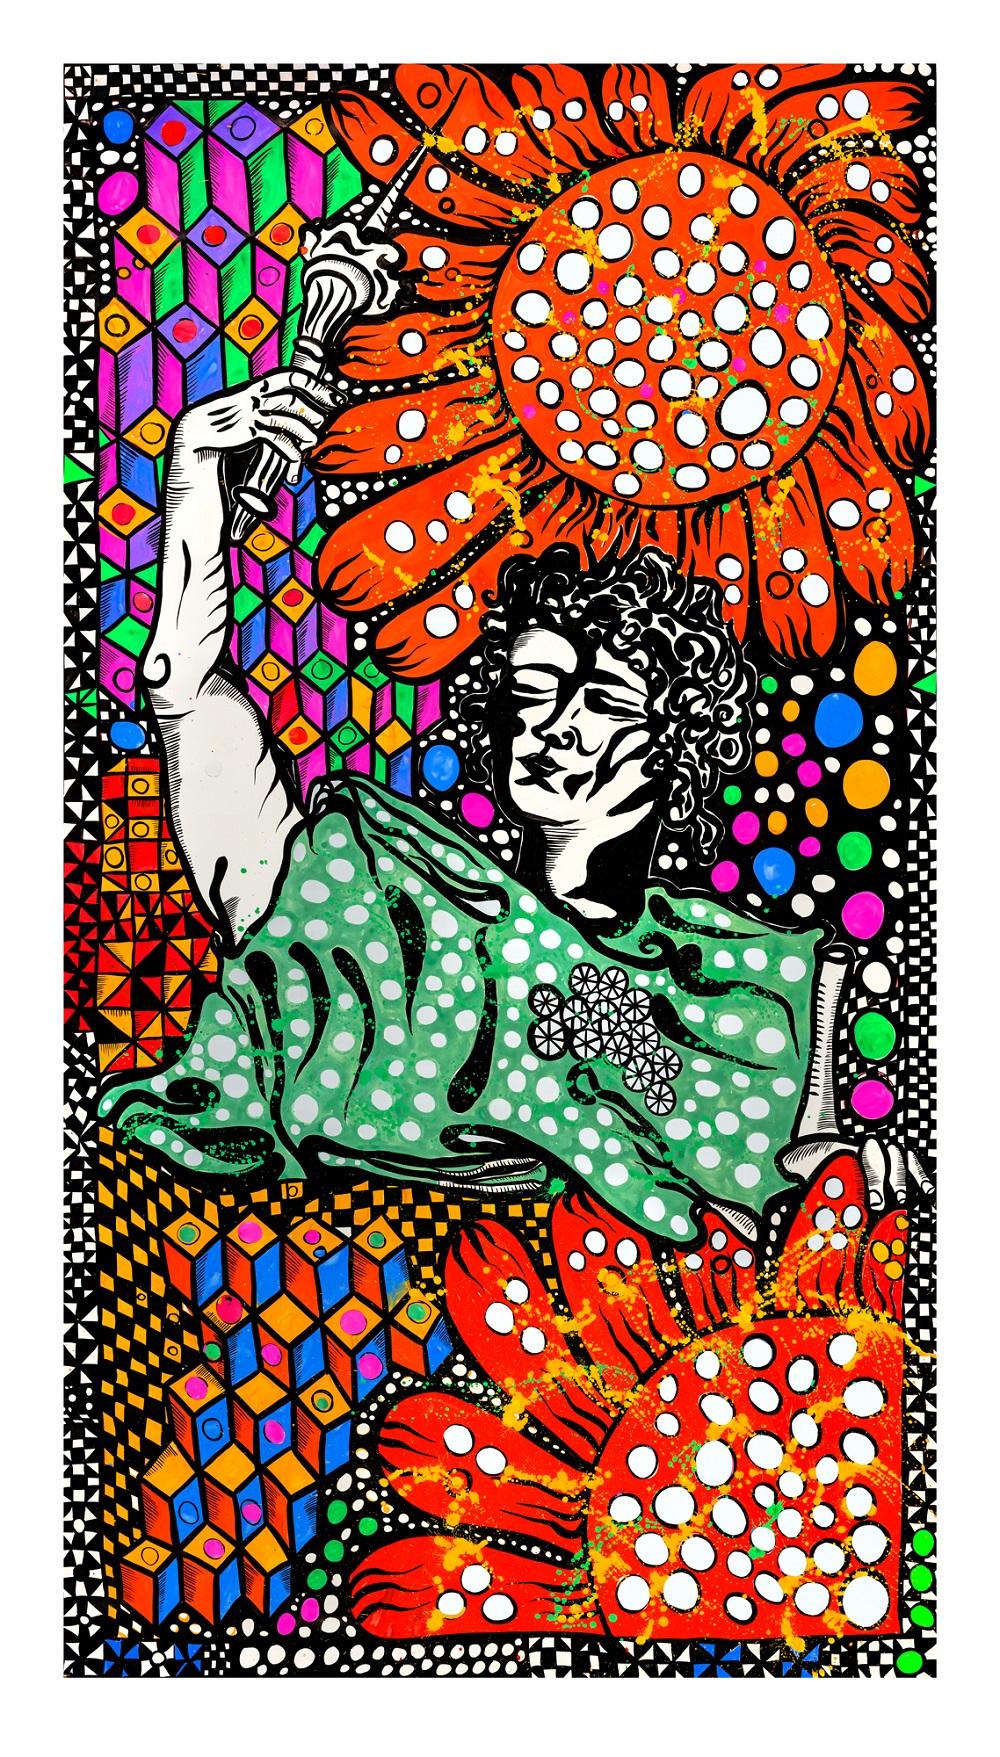 Independencia, gouache tinta y collage sobre papel, 190 x 110 cm, 2013. Foto: Dolores Ochoa